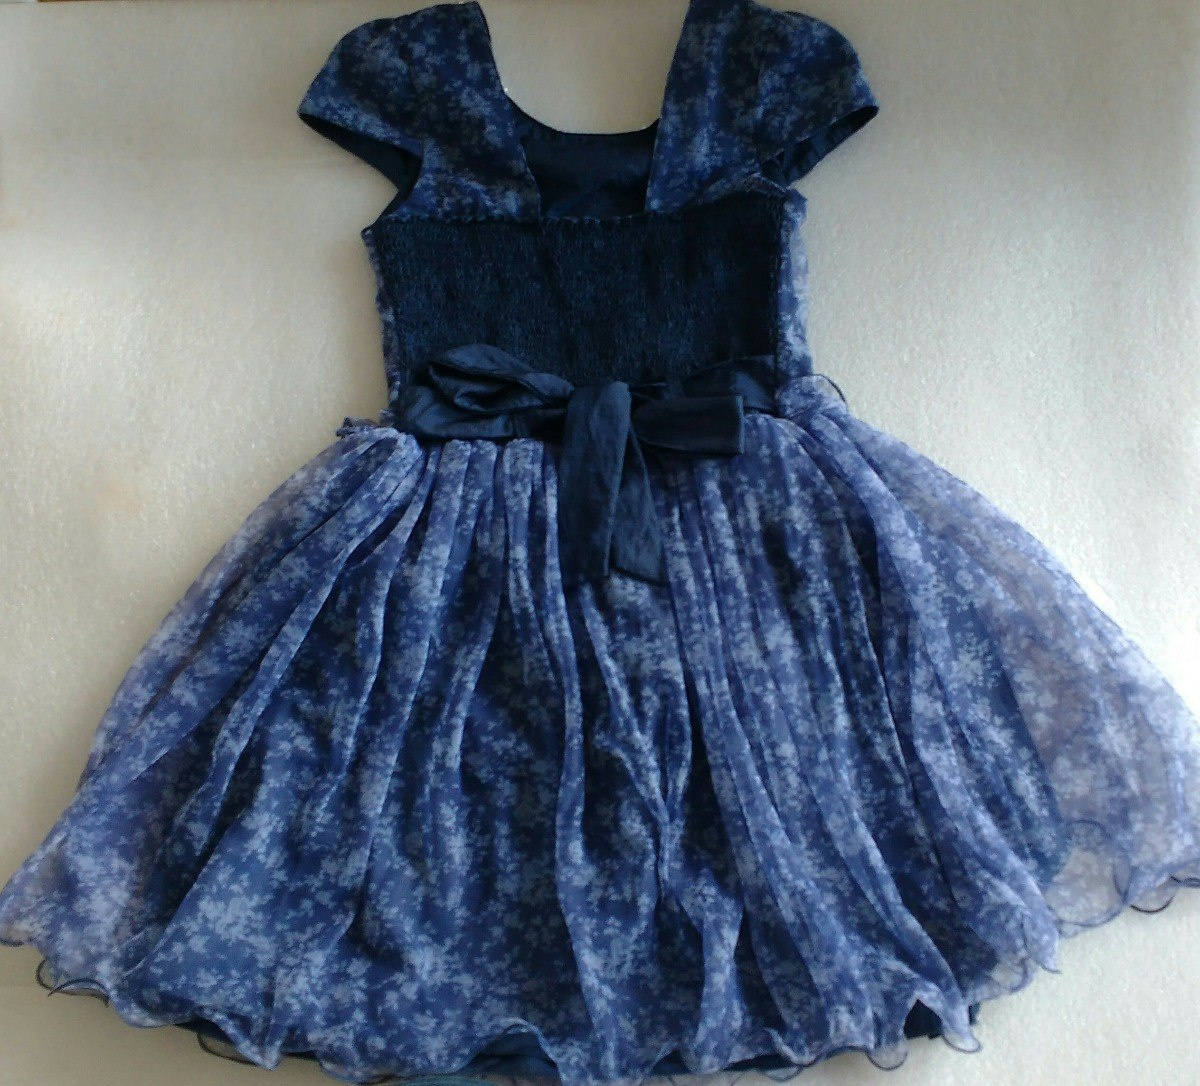 89b1d3fcccaf Vestido Infantil Tamanho 10 - R$ 85,00 em Mercado Livre